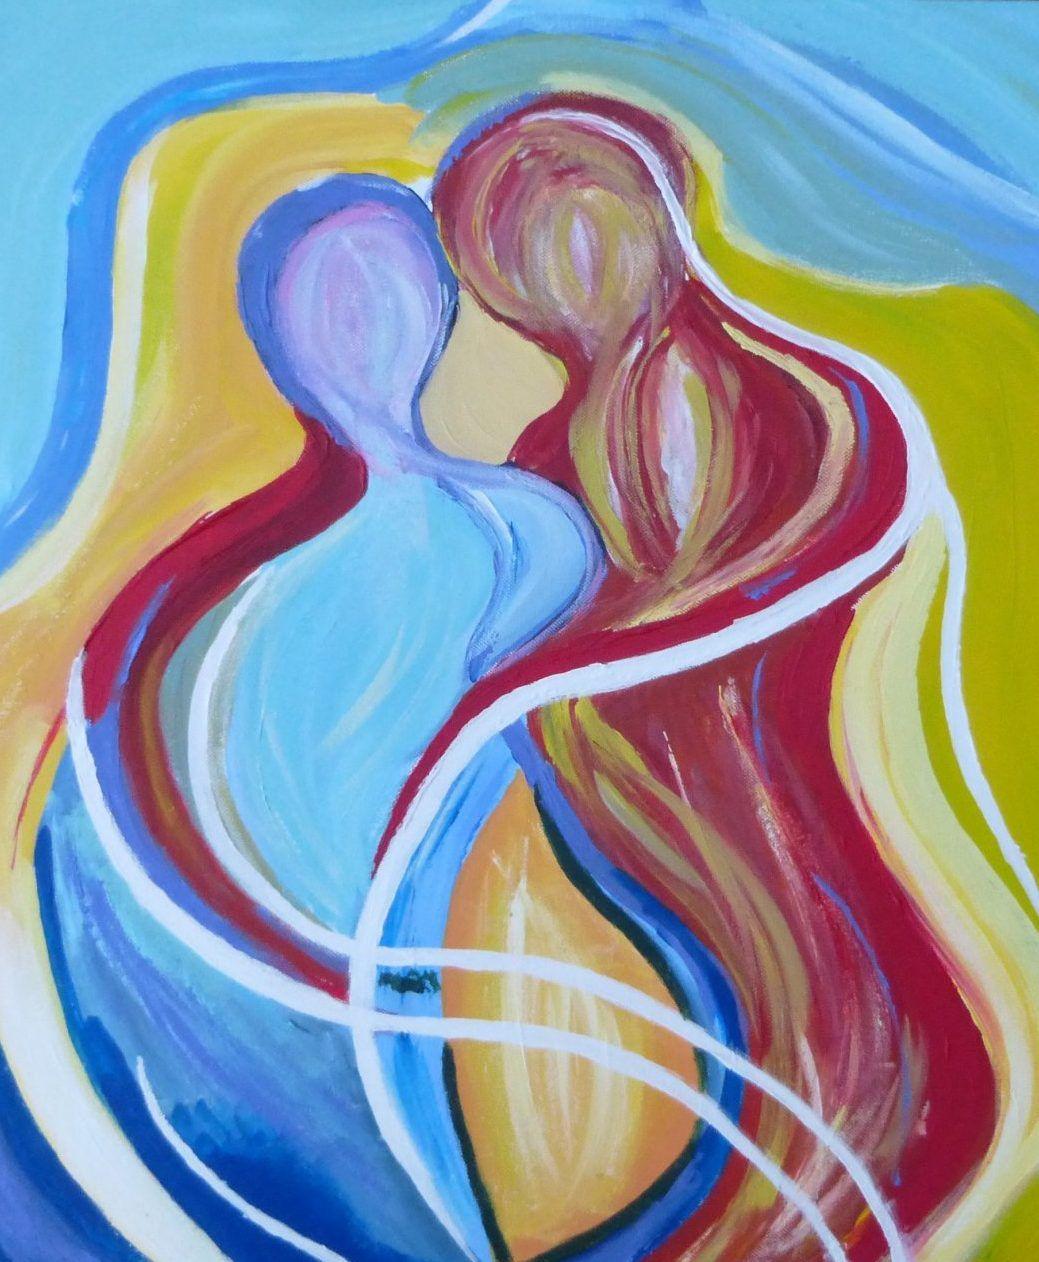 moderne kunst schilderijen abstract